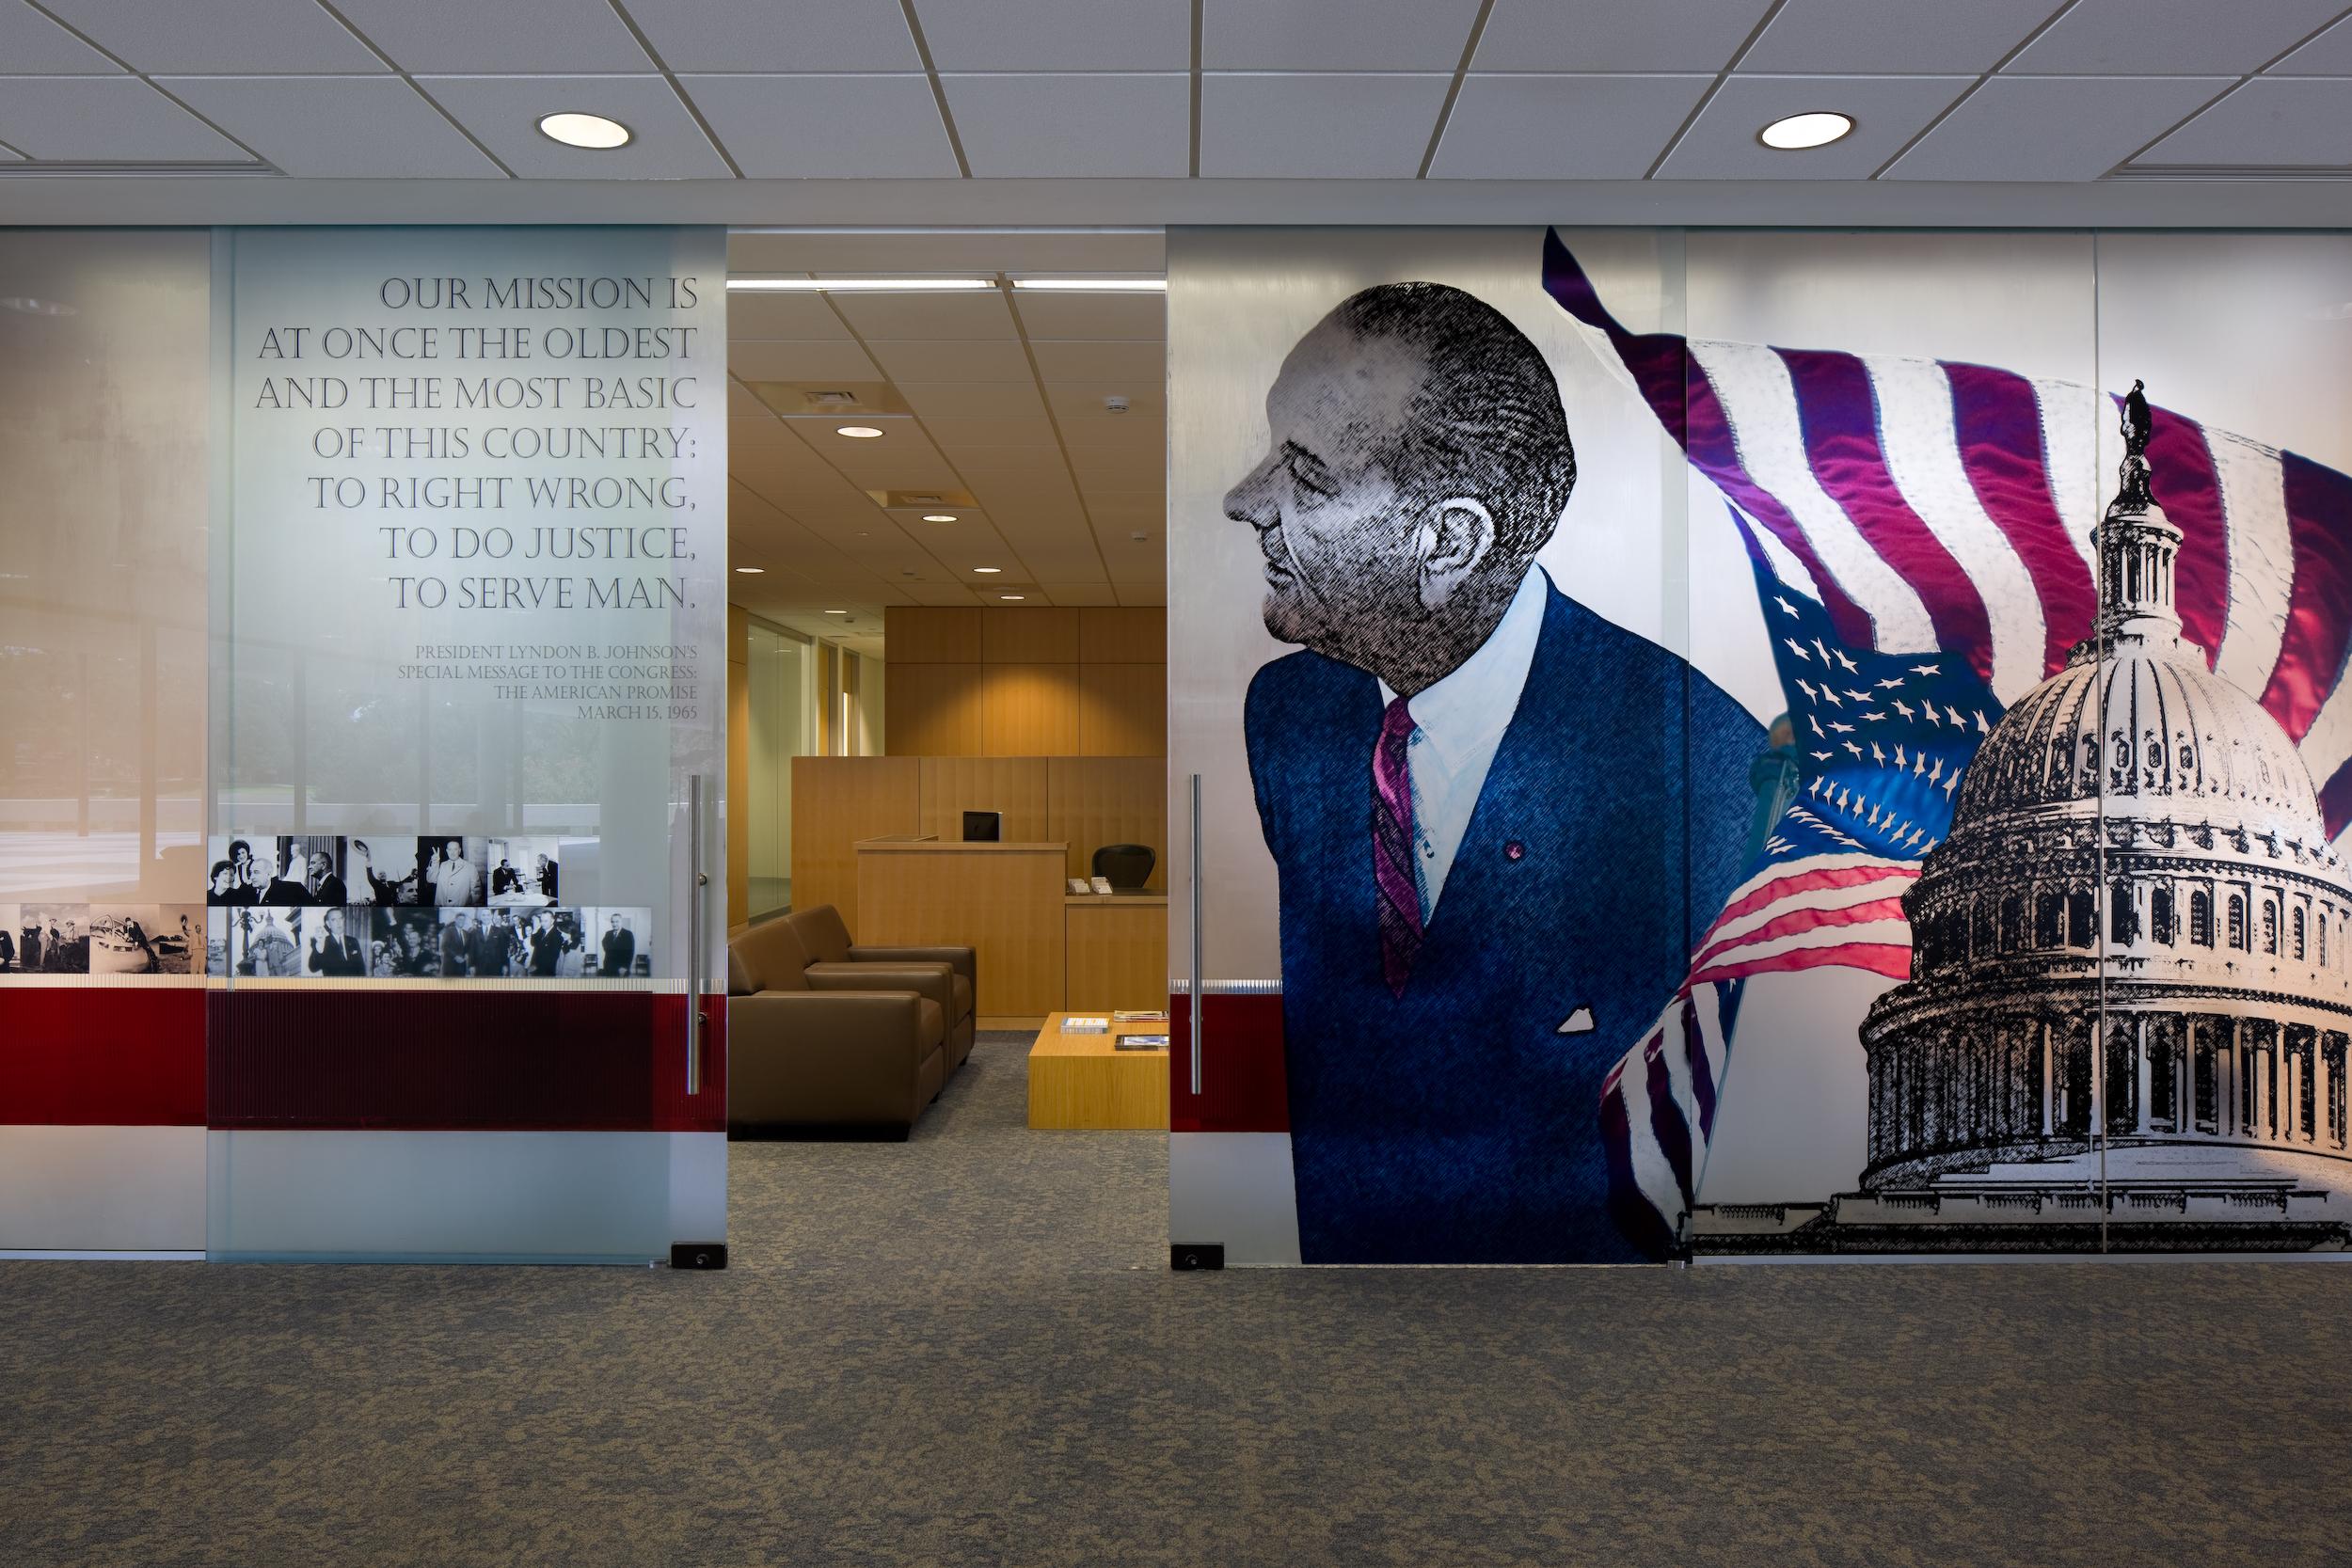 LBJ School of Public Affairs [Main Floor]